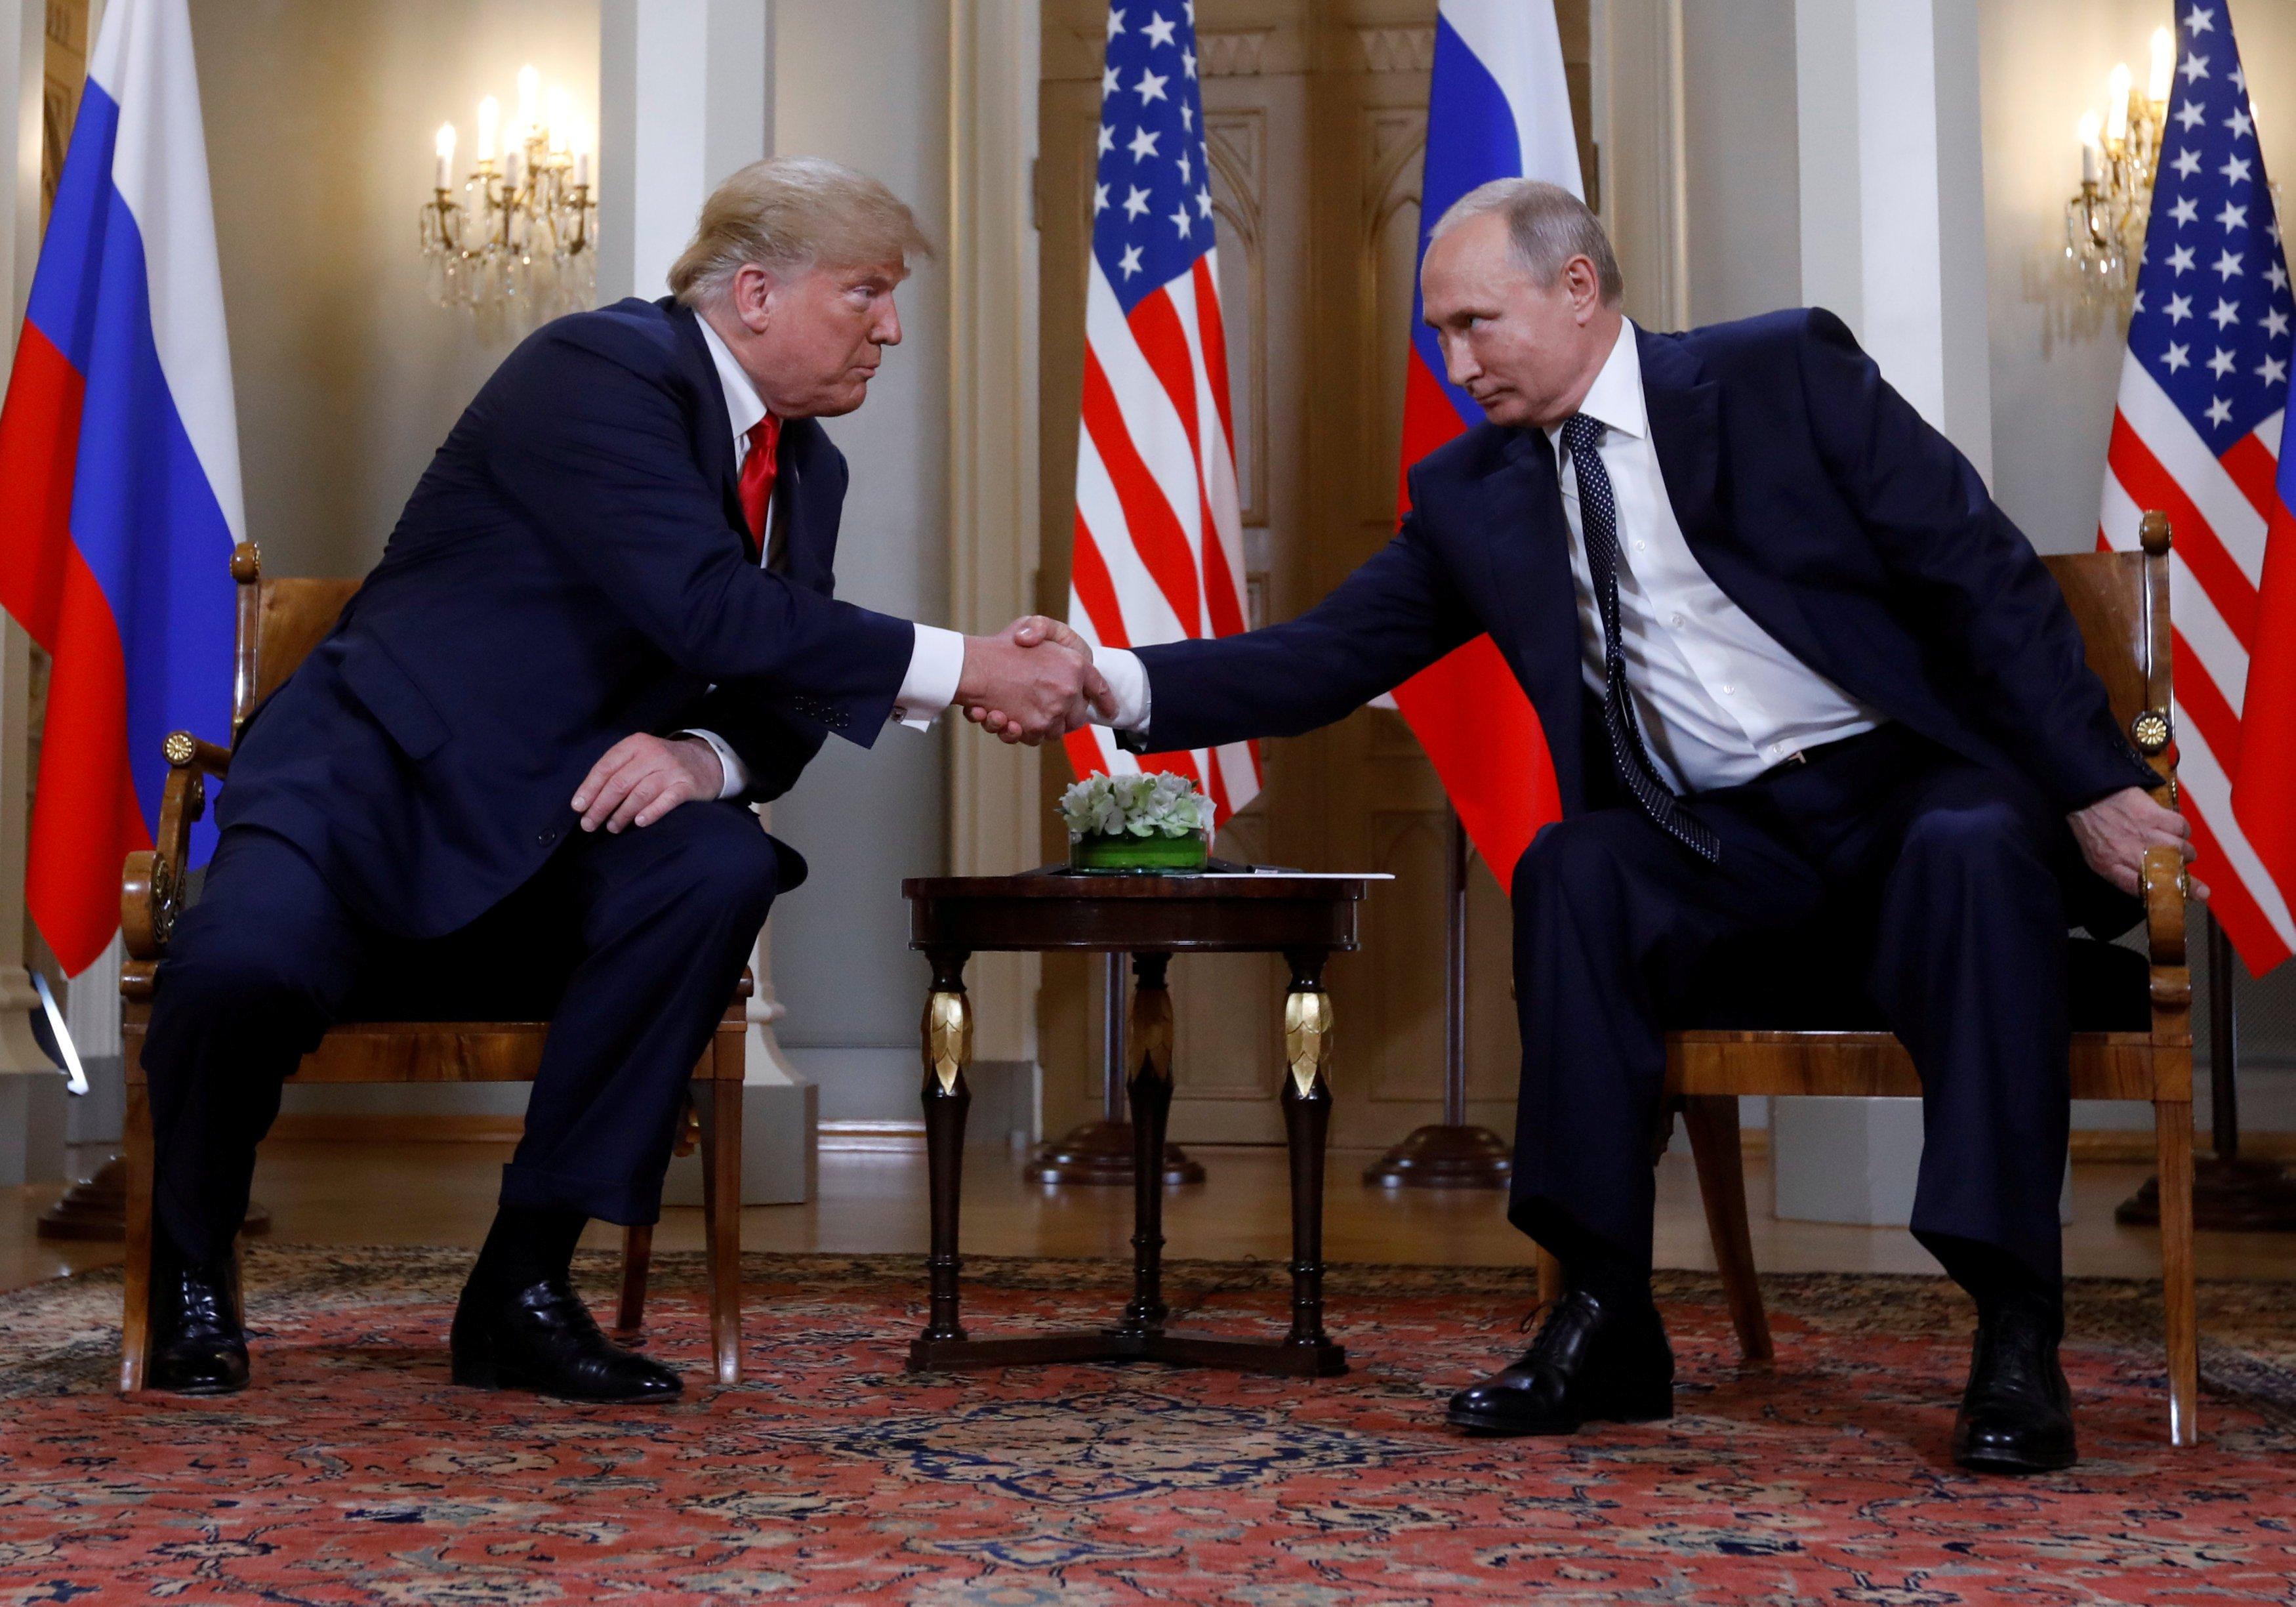 Путин вел себя с Трампом, будто был принимающей стороной, пишут СМИ.